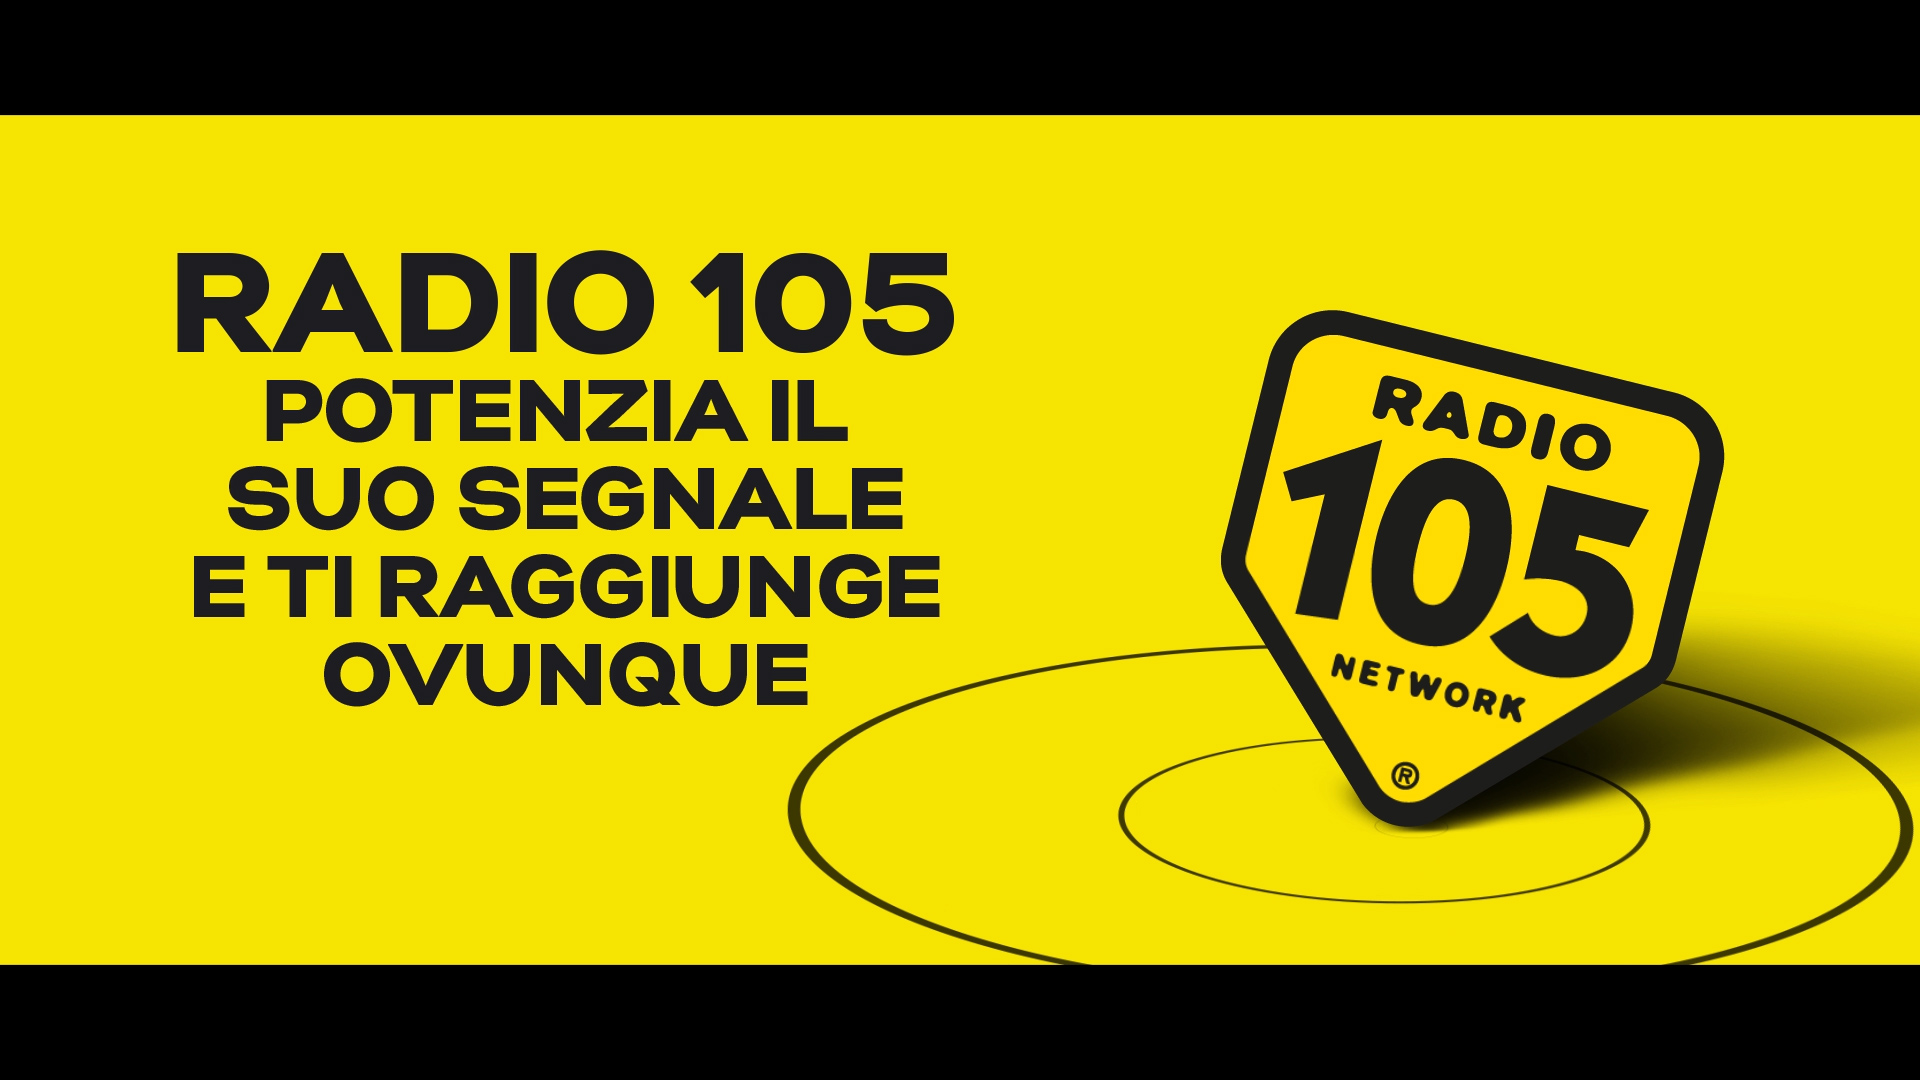 Radio 105 potenziamento frequenze 2018 - Radio. Radiomediaset: altra iniezione di frequenze per potenziare 105. Sviluppo su doppio binario: FM+IP